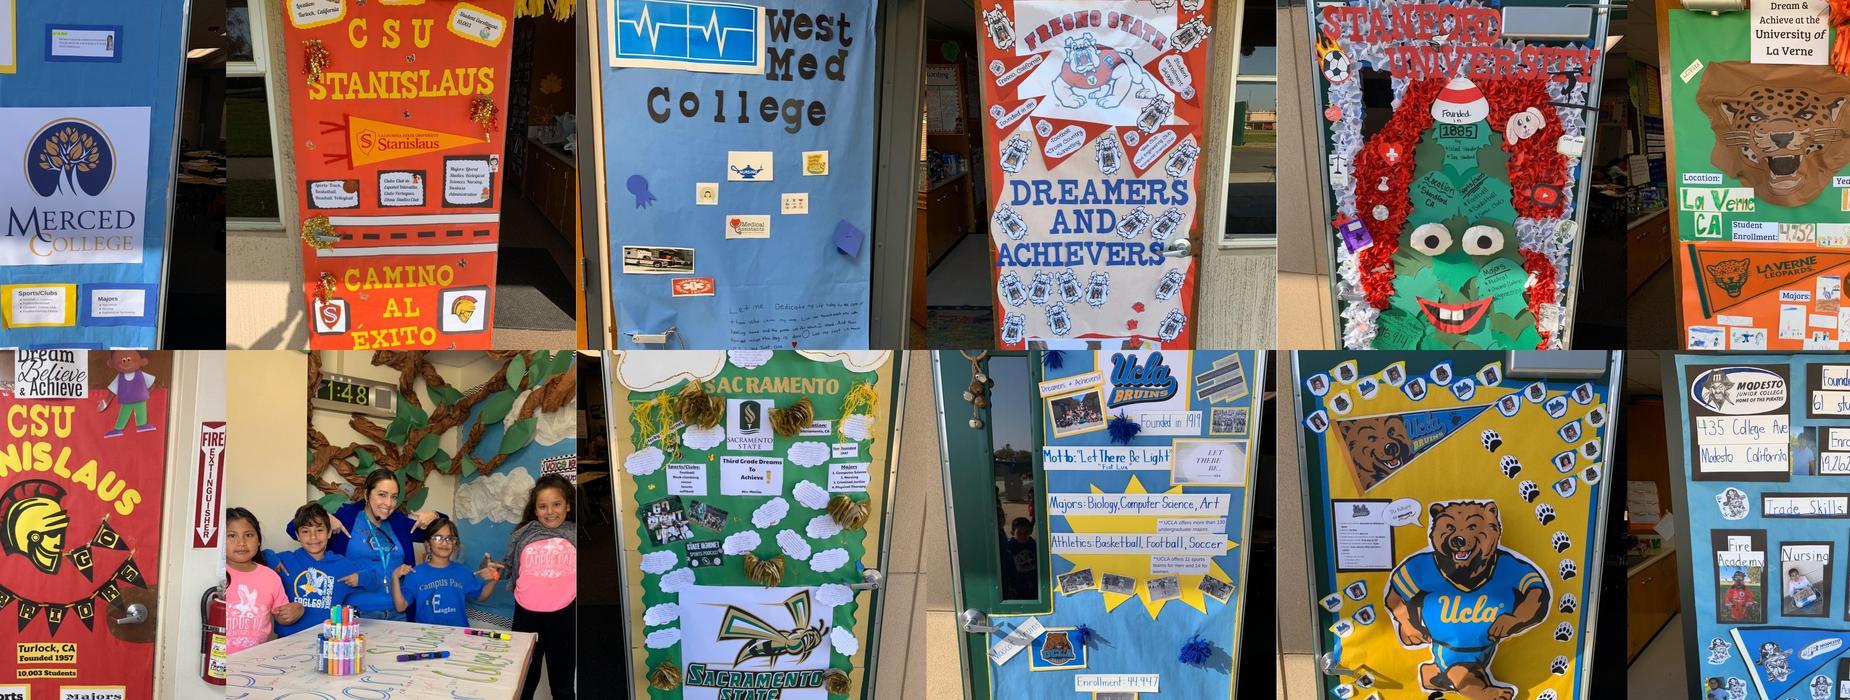 College Door Contest